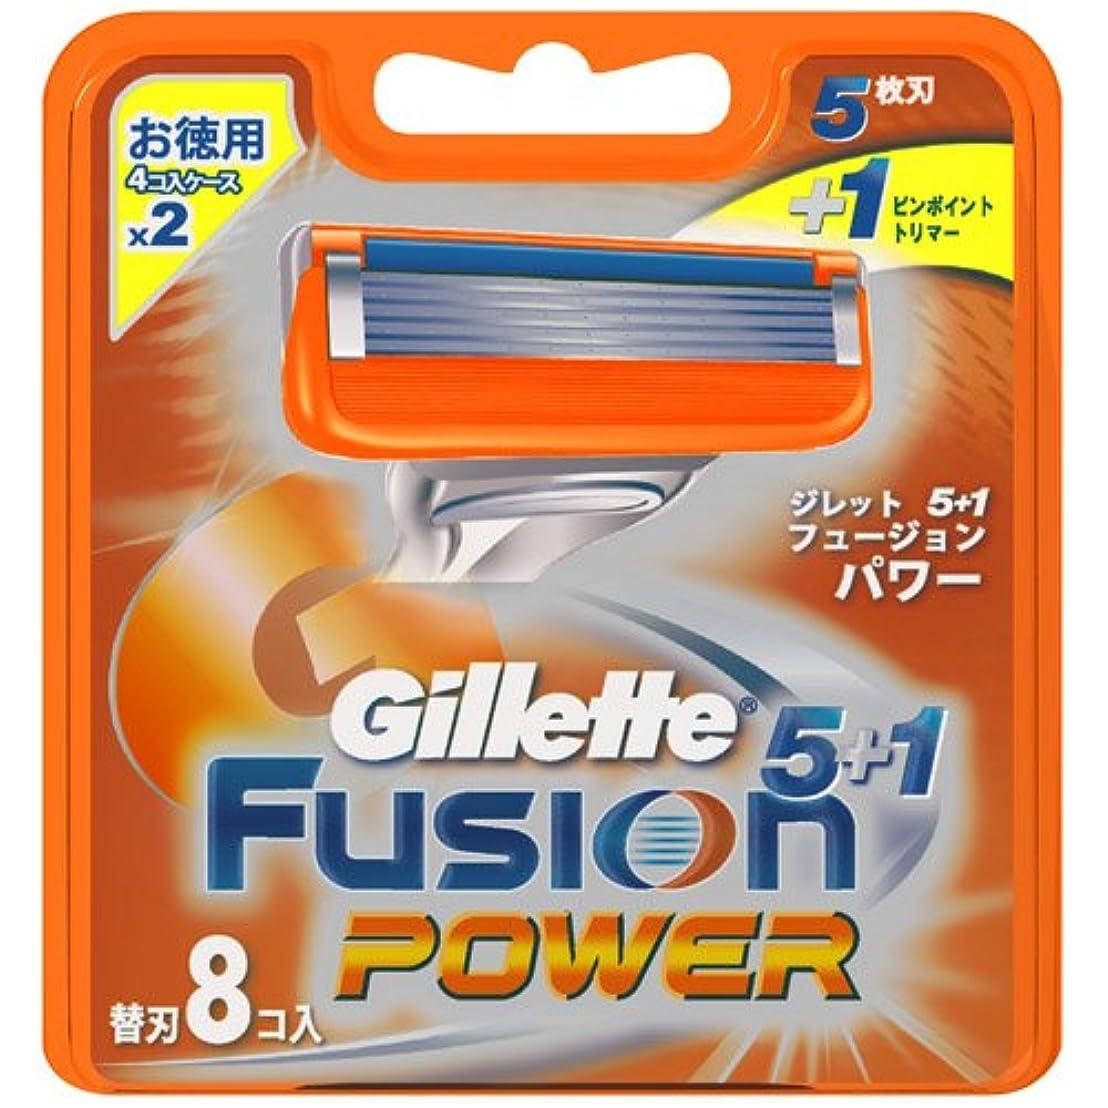 タイプソート秀でるジレット フュージョン5+1パワー 専用替刃 8B